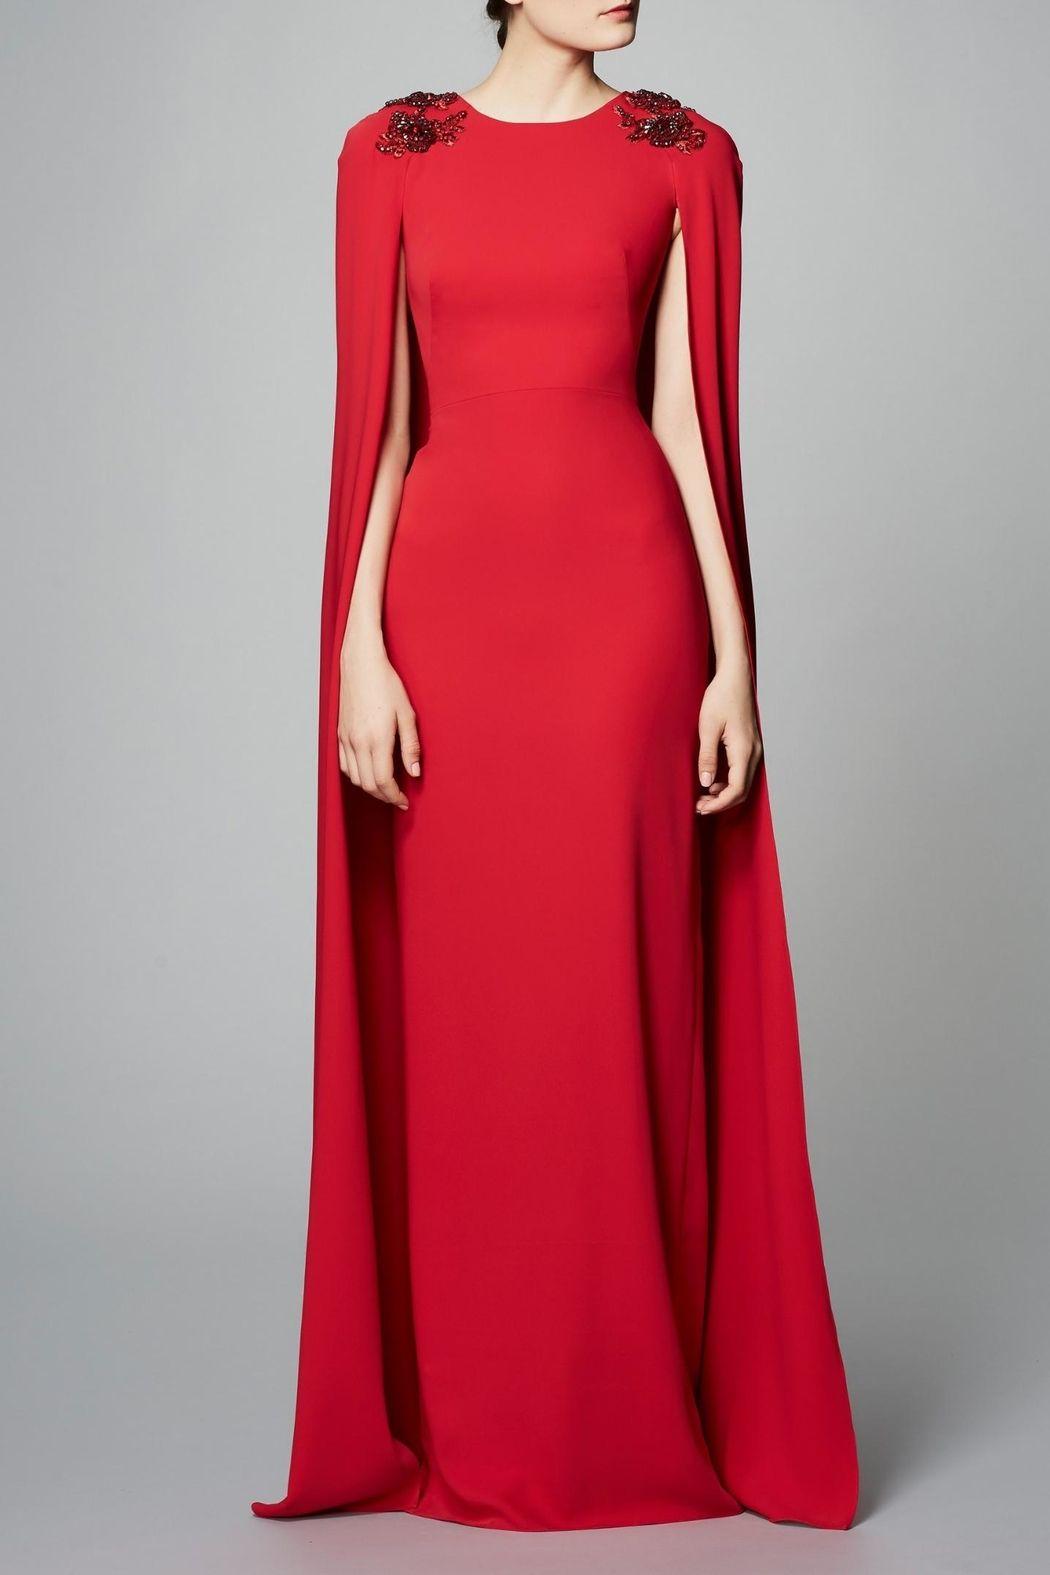 Marchesa crepe cape gown clothes unu stuff pinterest gowns